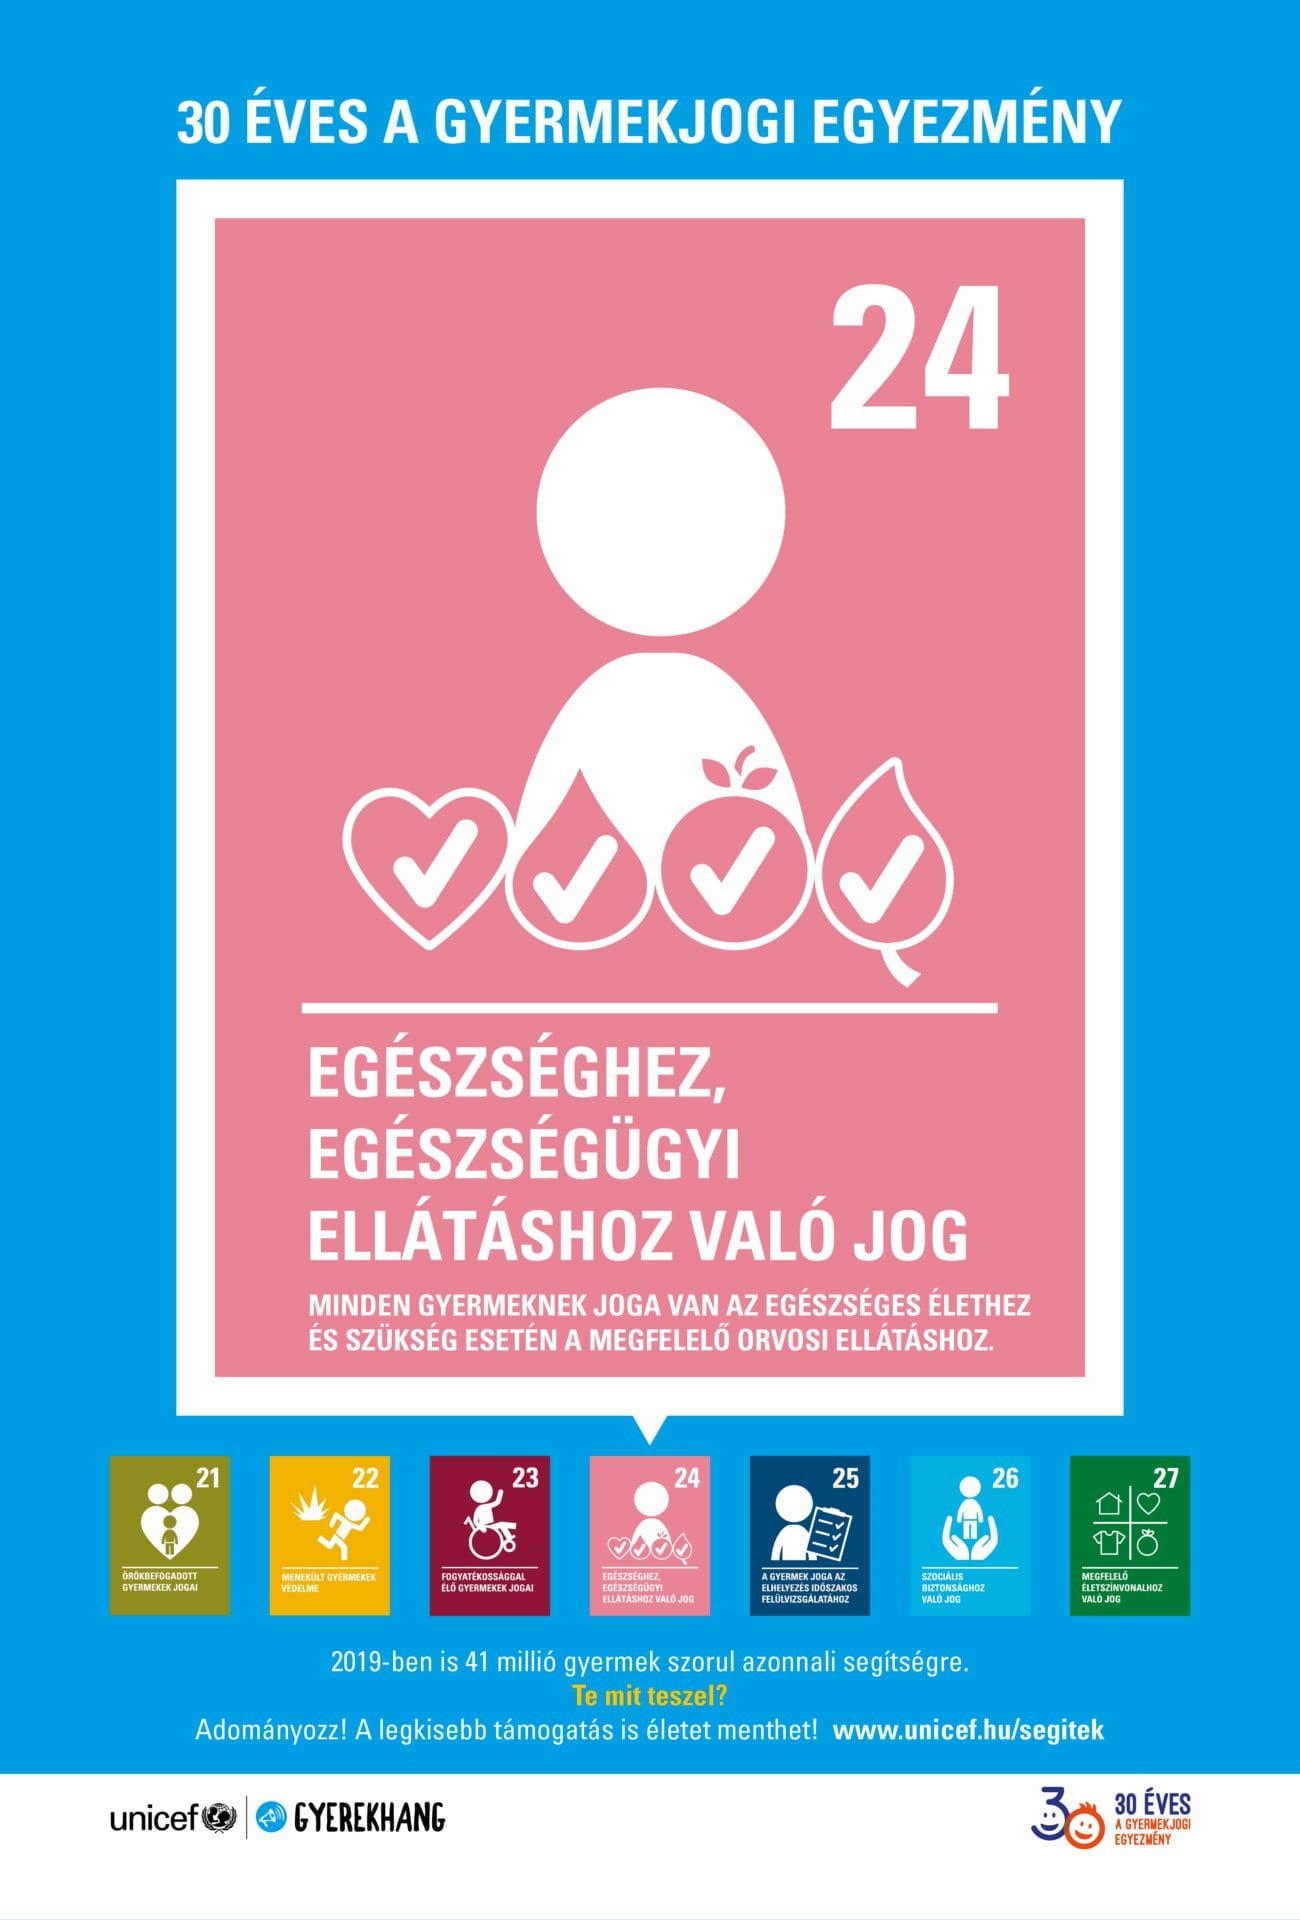 féreggyógyszerek gyermekek számára egy évig